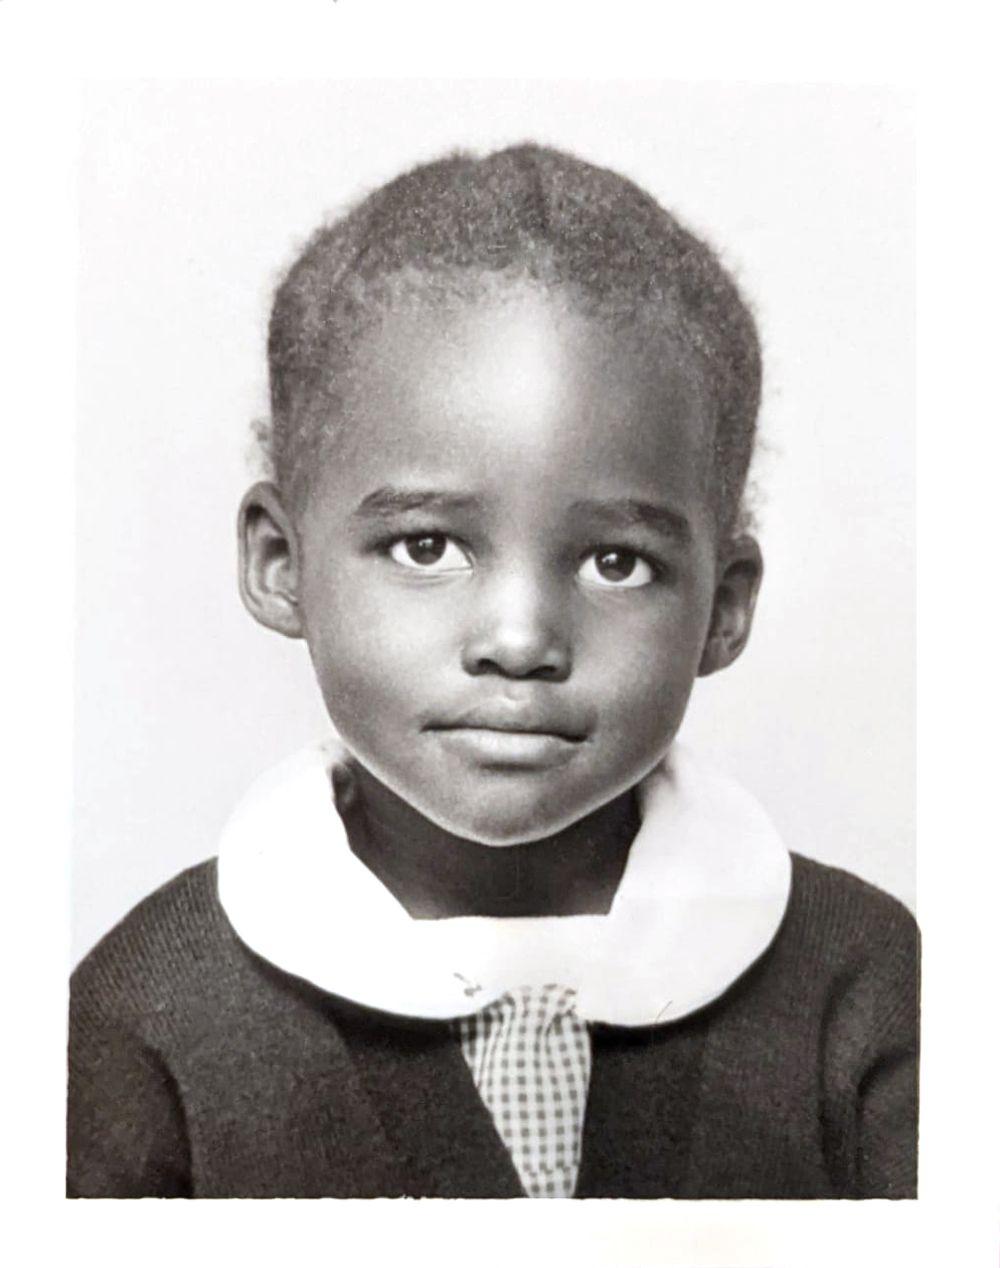 Lupita Nyong'o as a child (Photo courtesy of Lupita Nyong'o)